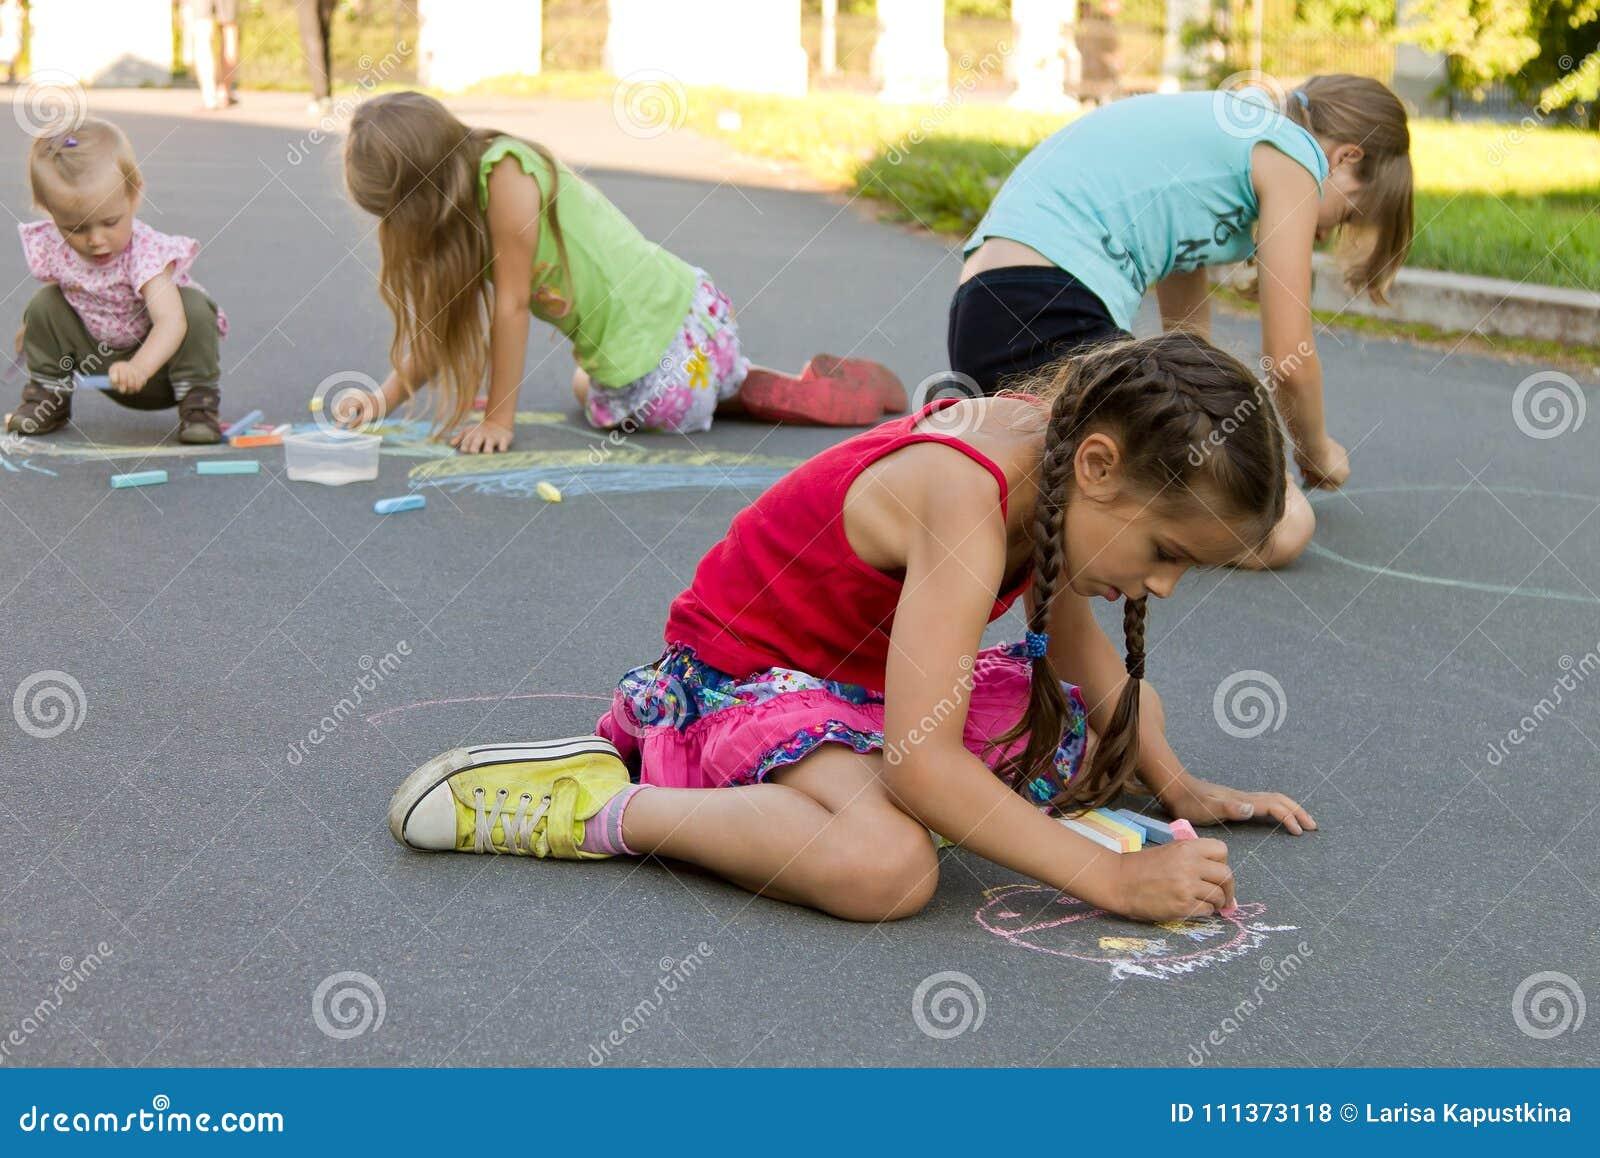 Des Kinder-Kreiden absorbedly abgehobenen Betrages auf der Pflasterung